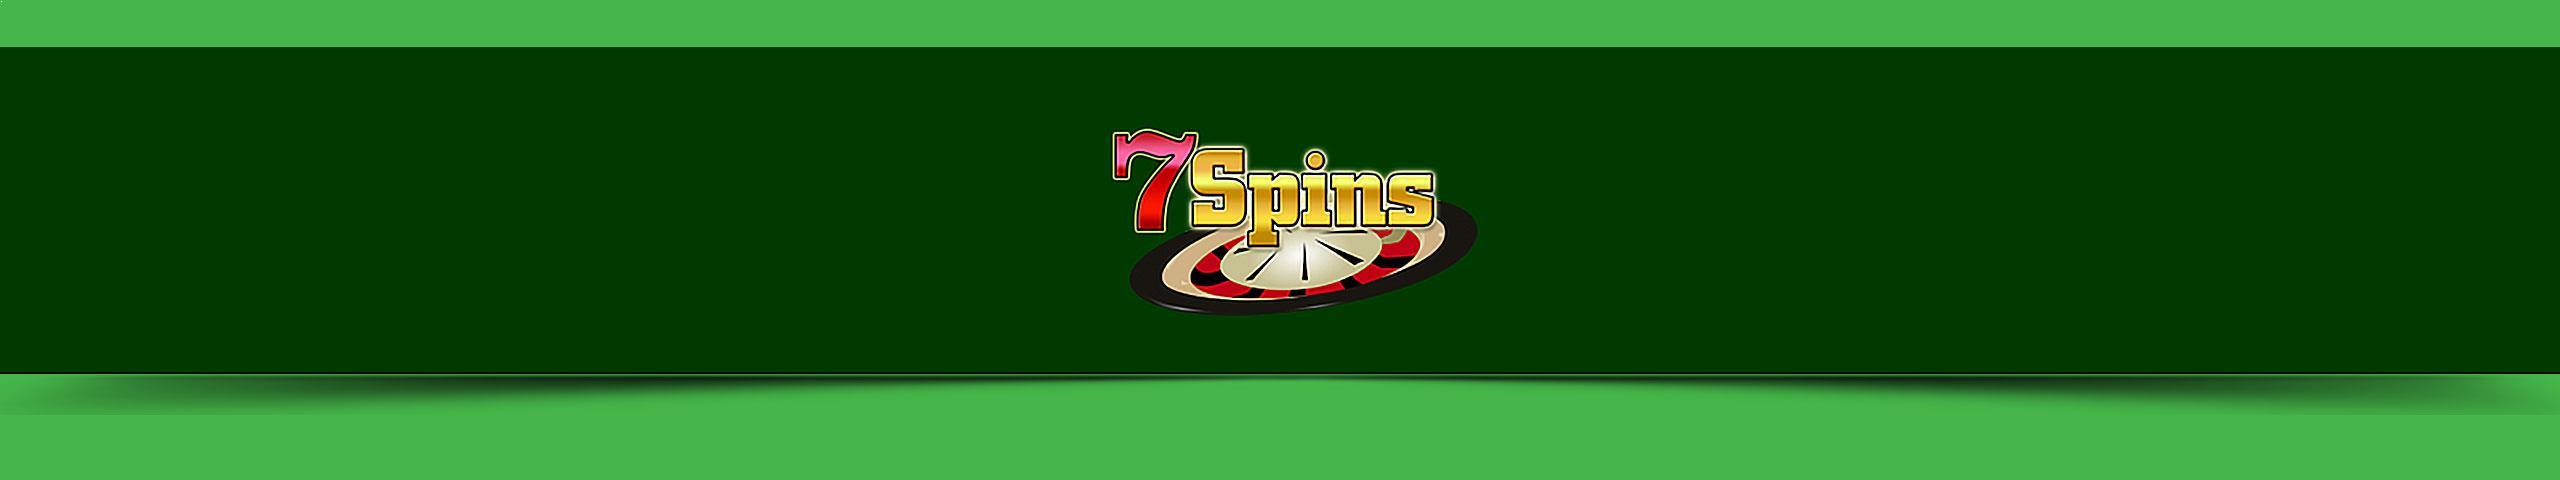 Vizualizarea Cazinoului 7 Spins - Multabafta.com Slider